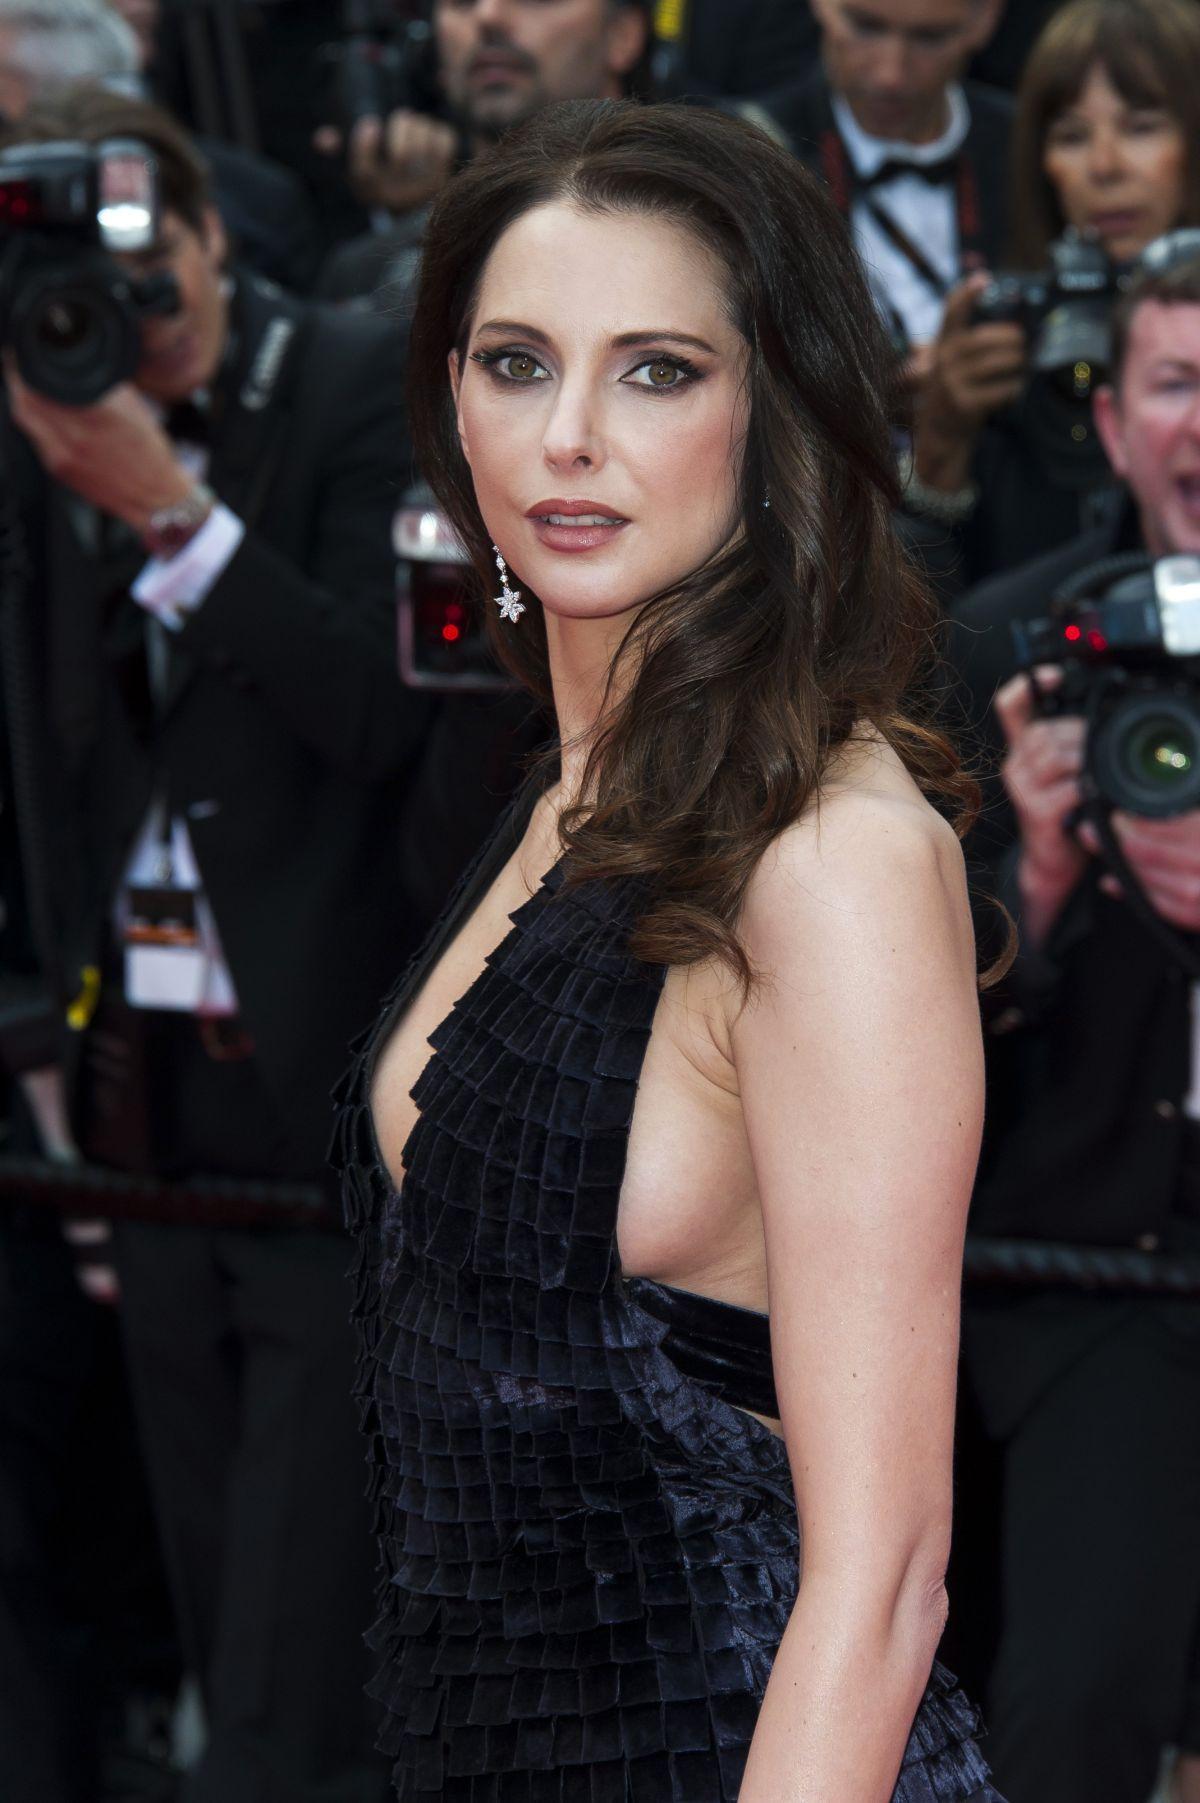 FREDERIQUE BEL at Saint Laurent Premiere at Cannes Film Festival